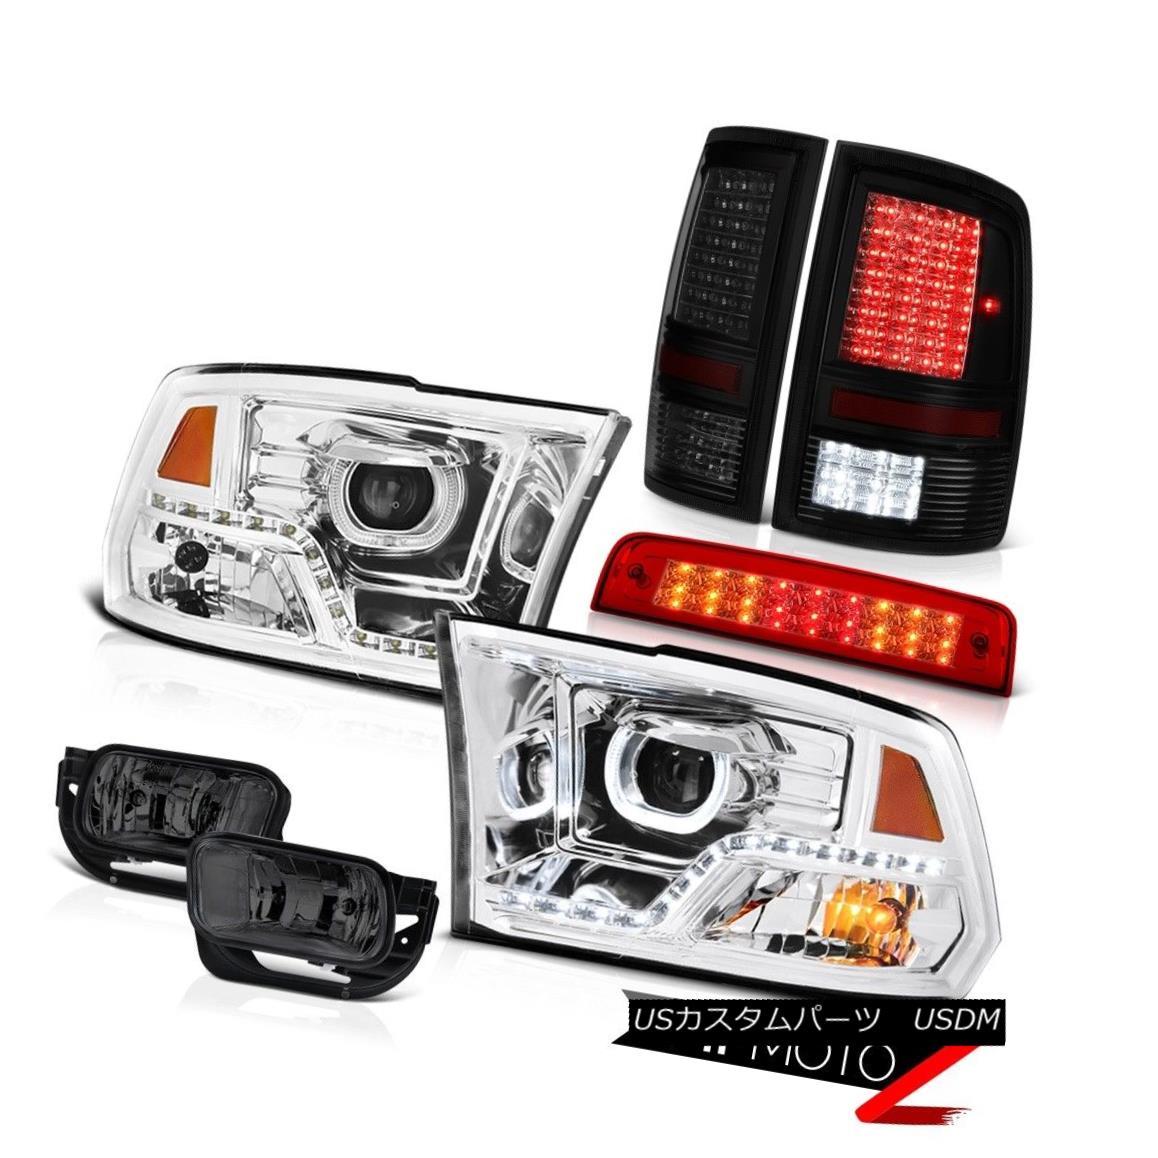 テールライト 10 11 12 13-18 Dodge RAM 3500 Euro Clear Head Lights Brake Light Tail Fog Lamp 10 11 12 13-18ダッジRAM 3500ユーロクリアヘッドライトブレーキライトテールフォグランプ